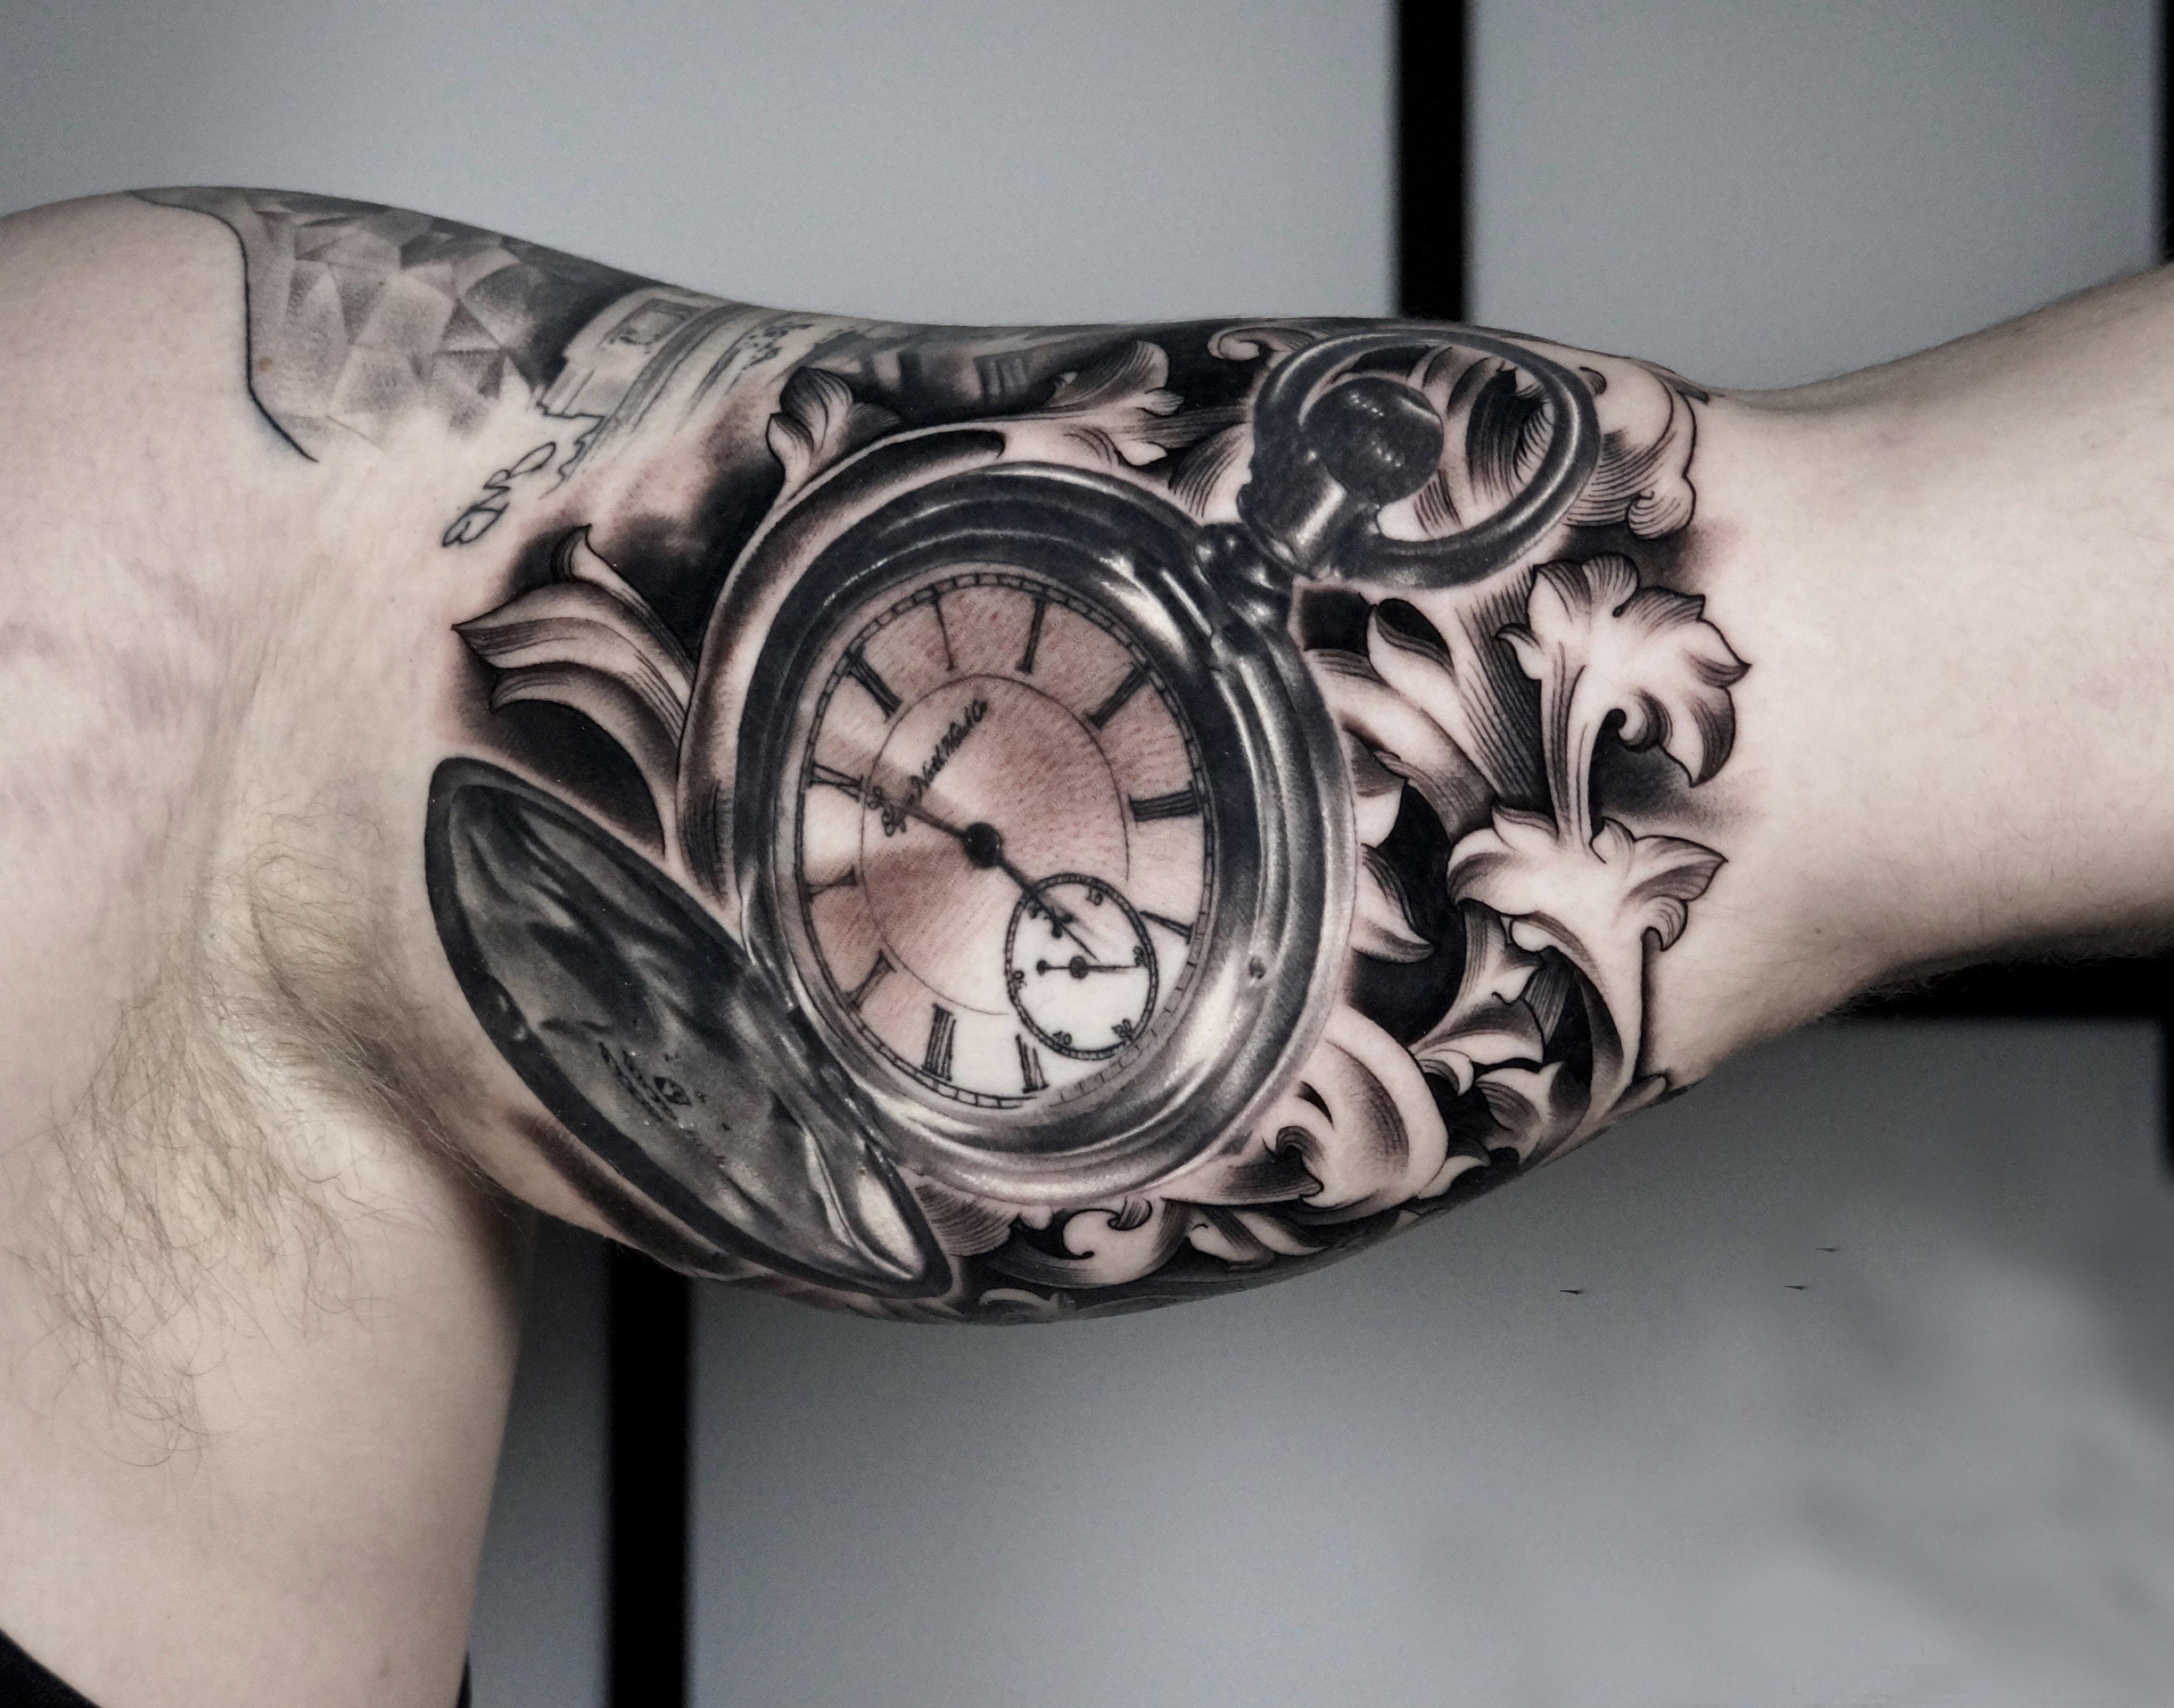 Hình xăm cô gái và đồng hồ